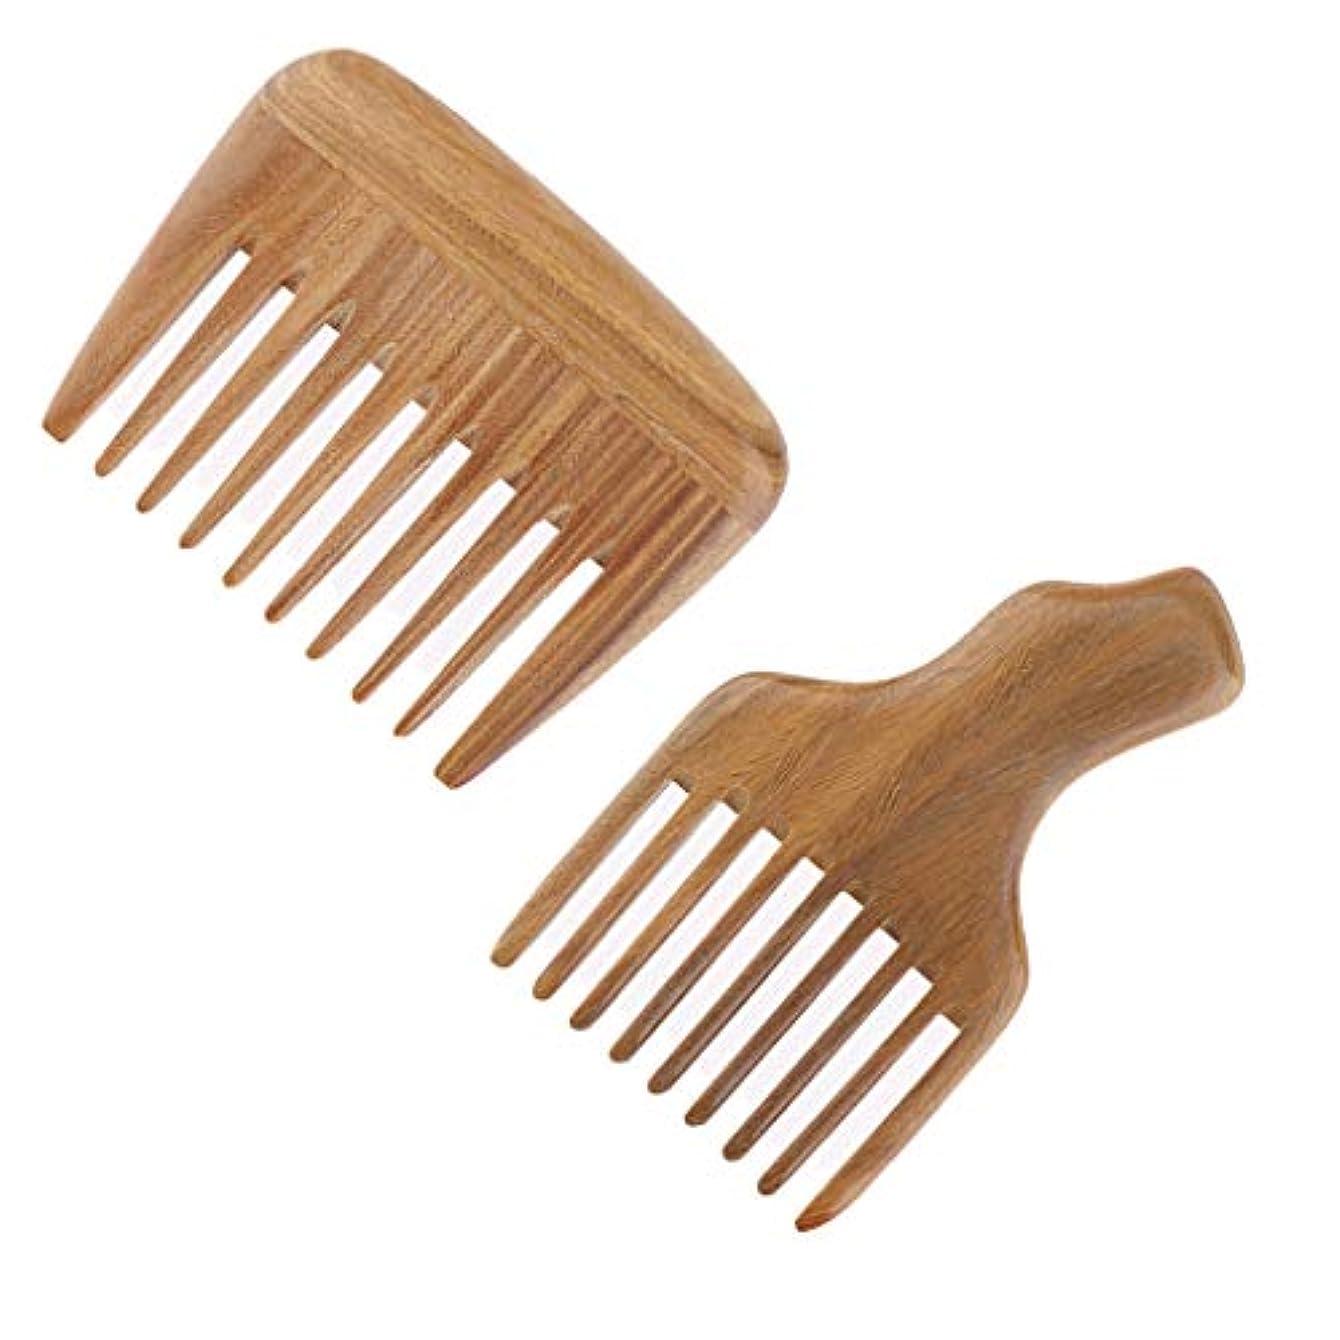 代替案絶望立派なP Prettyia 2個 木製櫛 ヘアコーム ヘアブラシ 帯電防止 くし 櫛 高品質